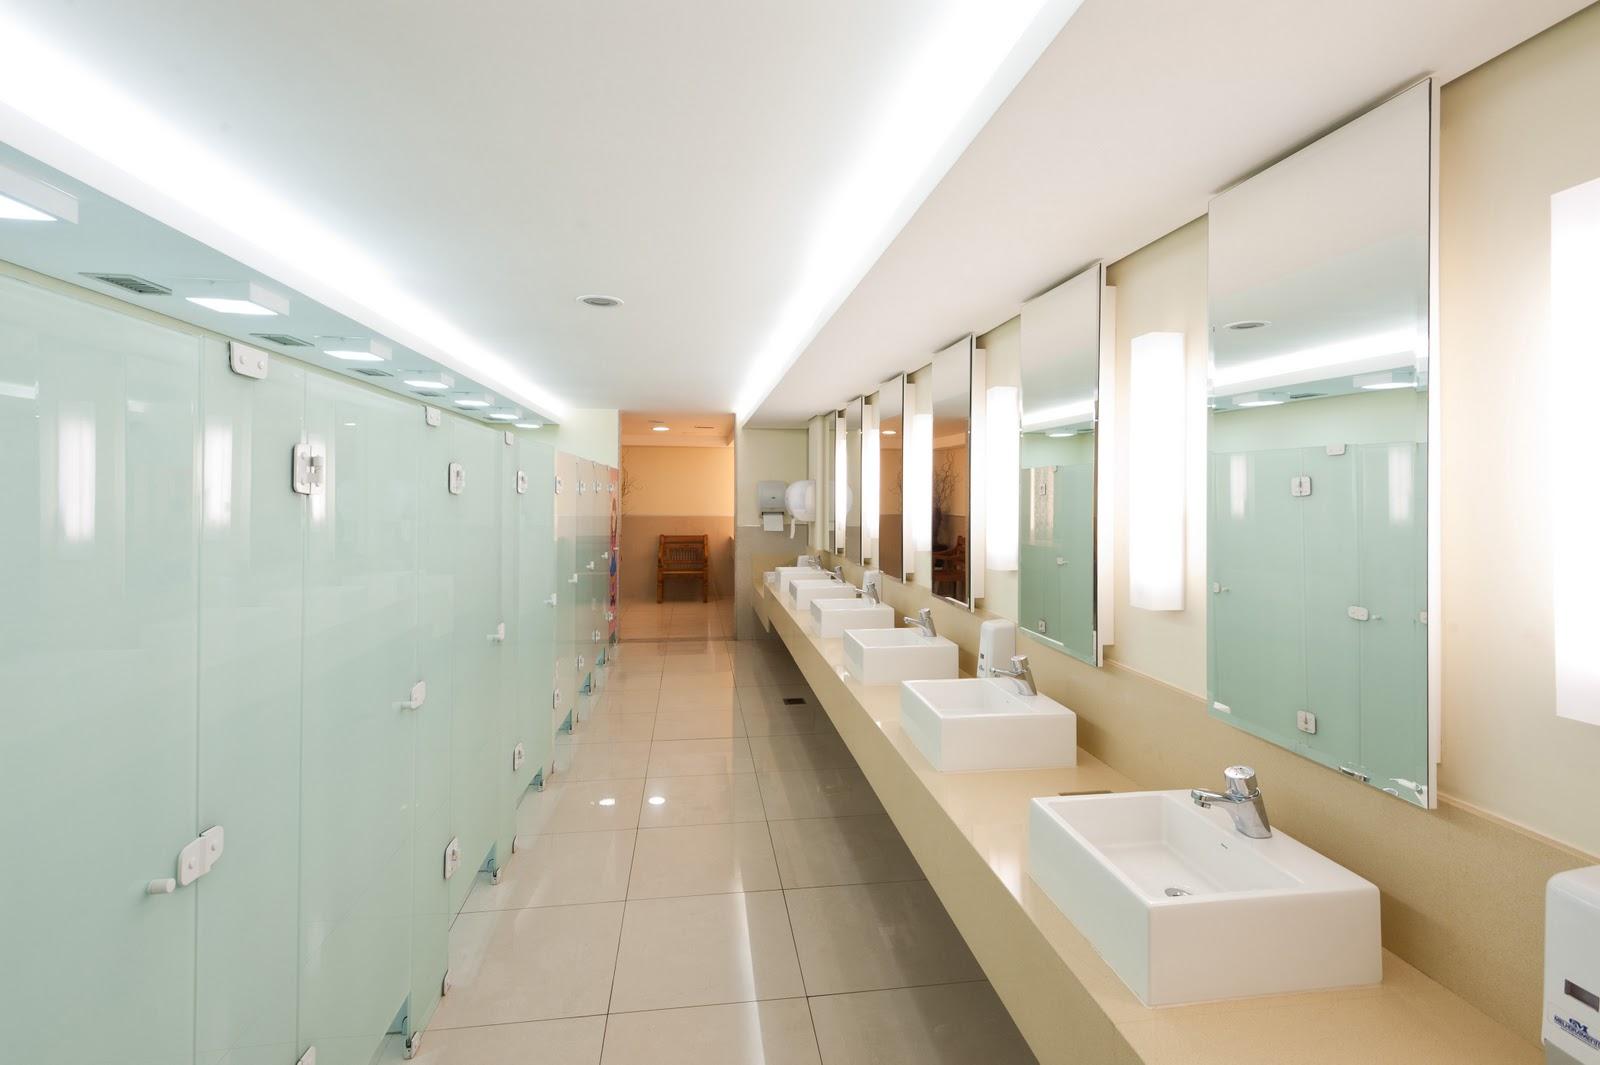 Arquiteto Daltônico: Novos banheiros do Taguatinga Shopping #442B18 1600x1065 Bancada Banheiro Vidro